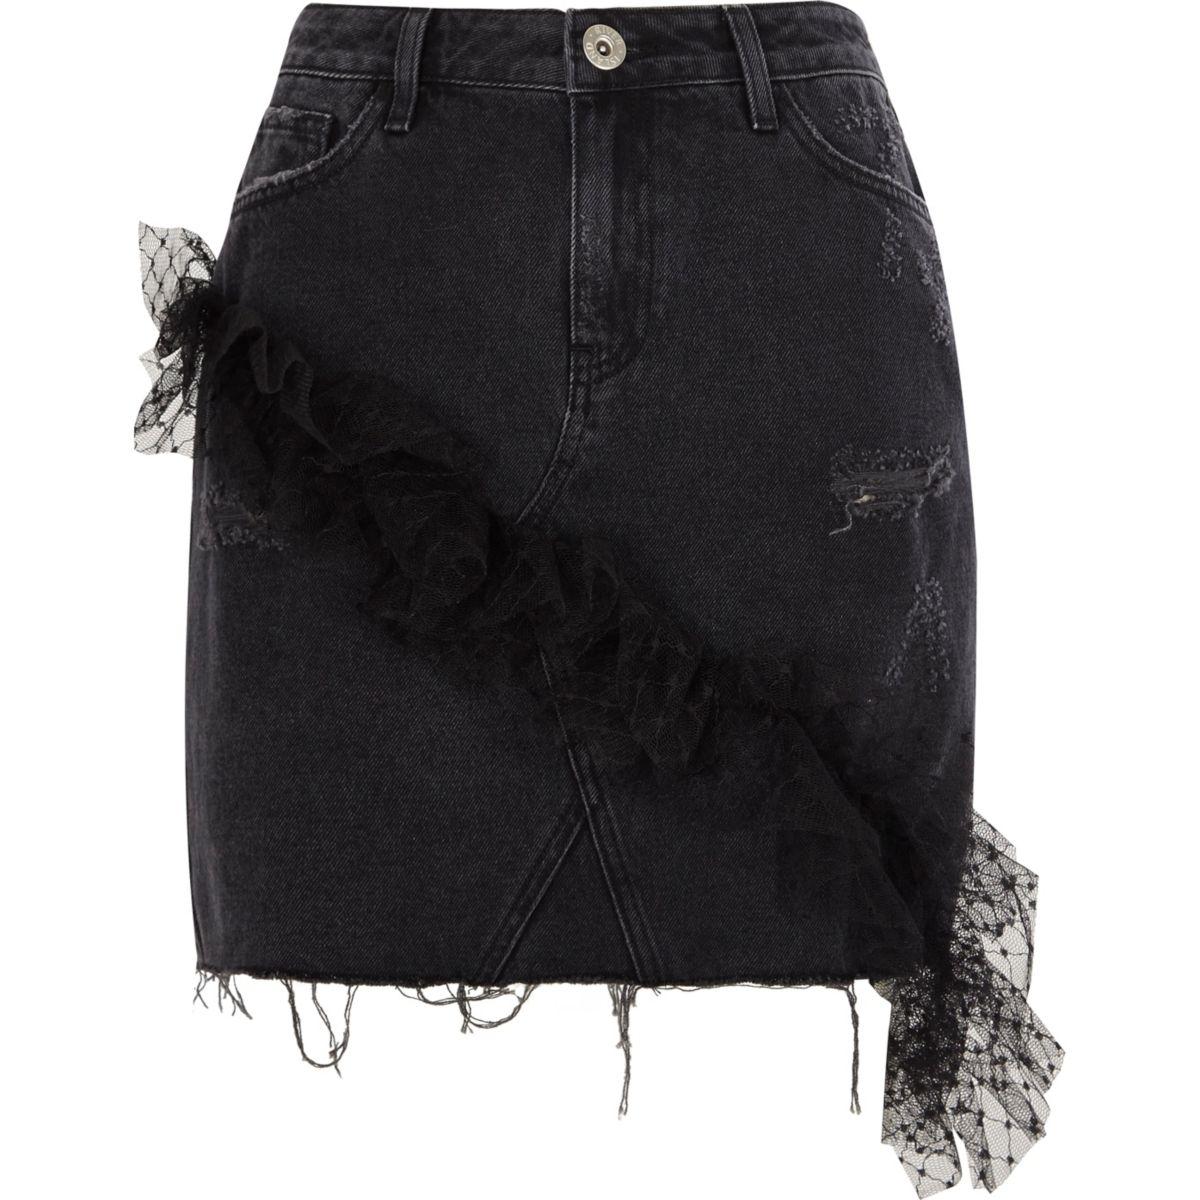 Schwarzer Jeans-Minirock